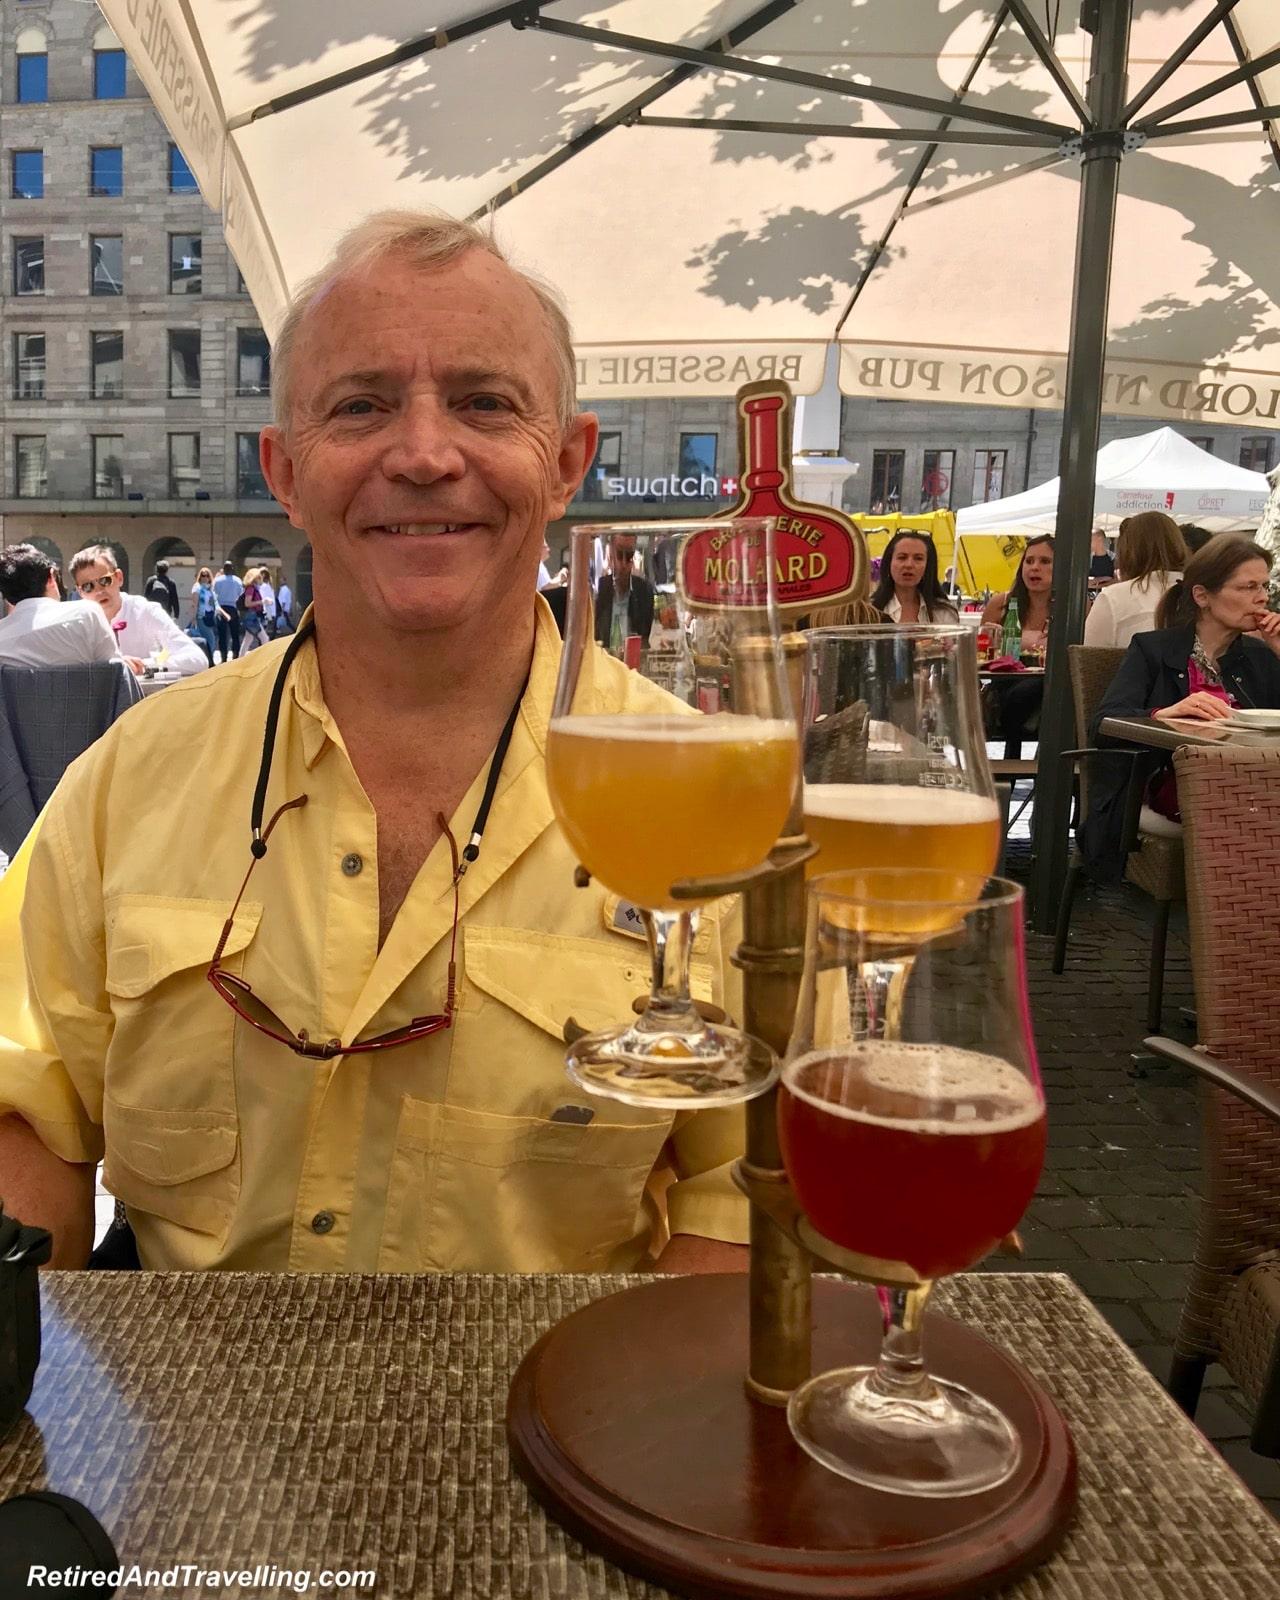 Brasserie du Molard Beer Garden - Great Food - Things To See In Geneva.jpg